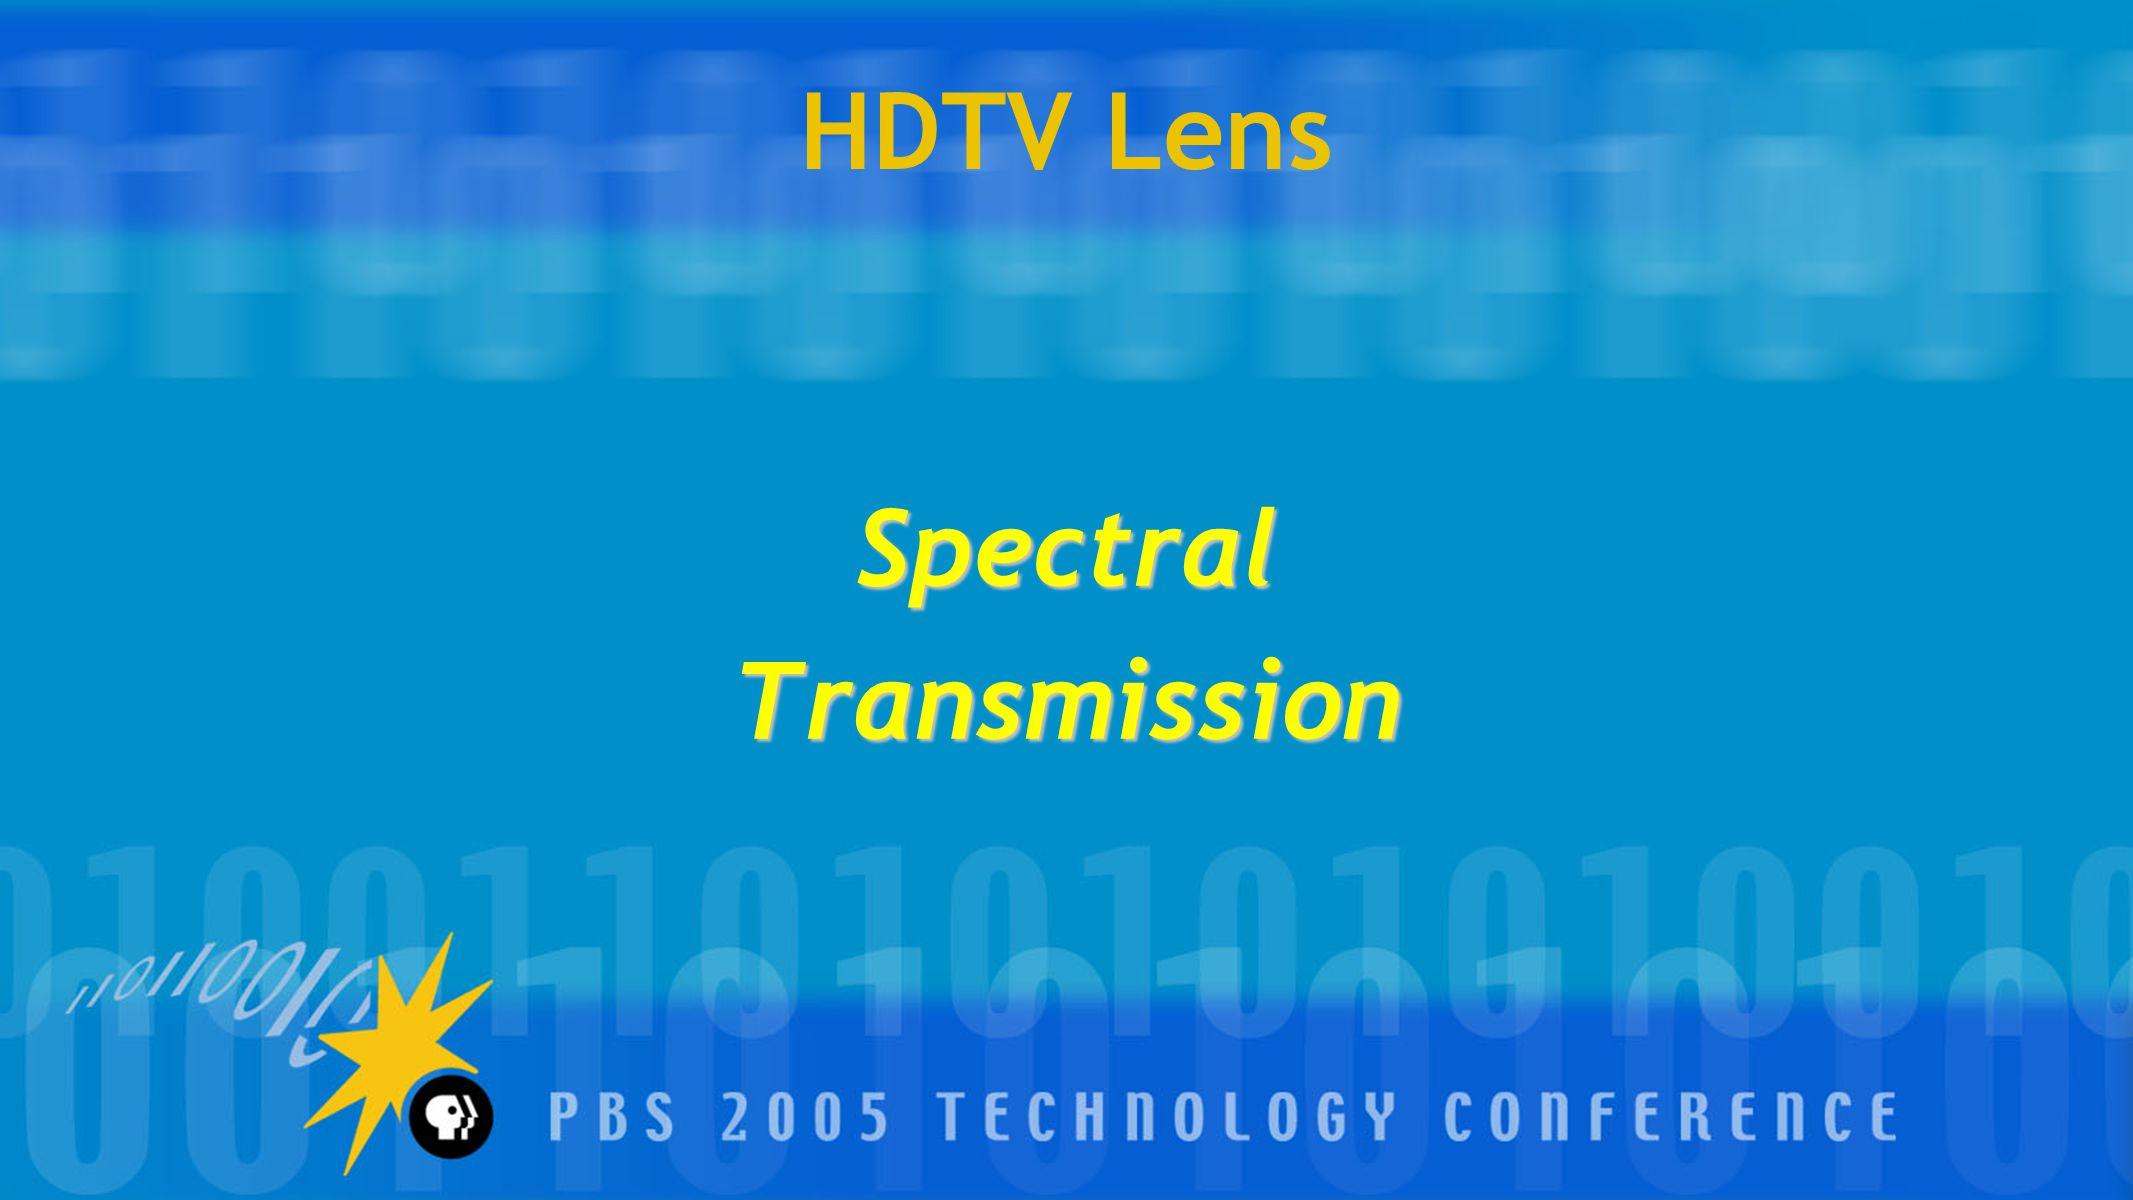 HDTV Lens SpectralTransmission